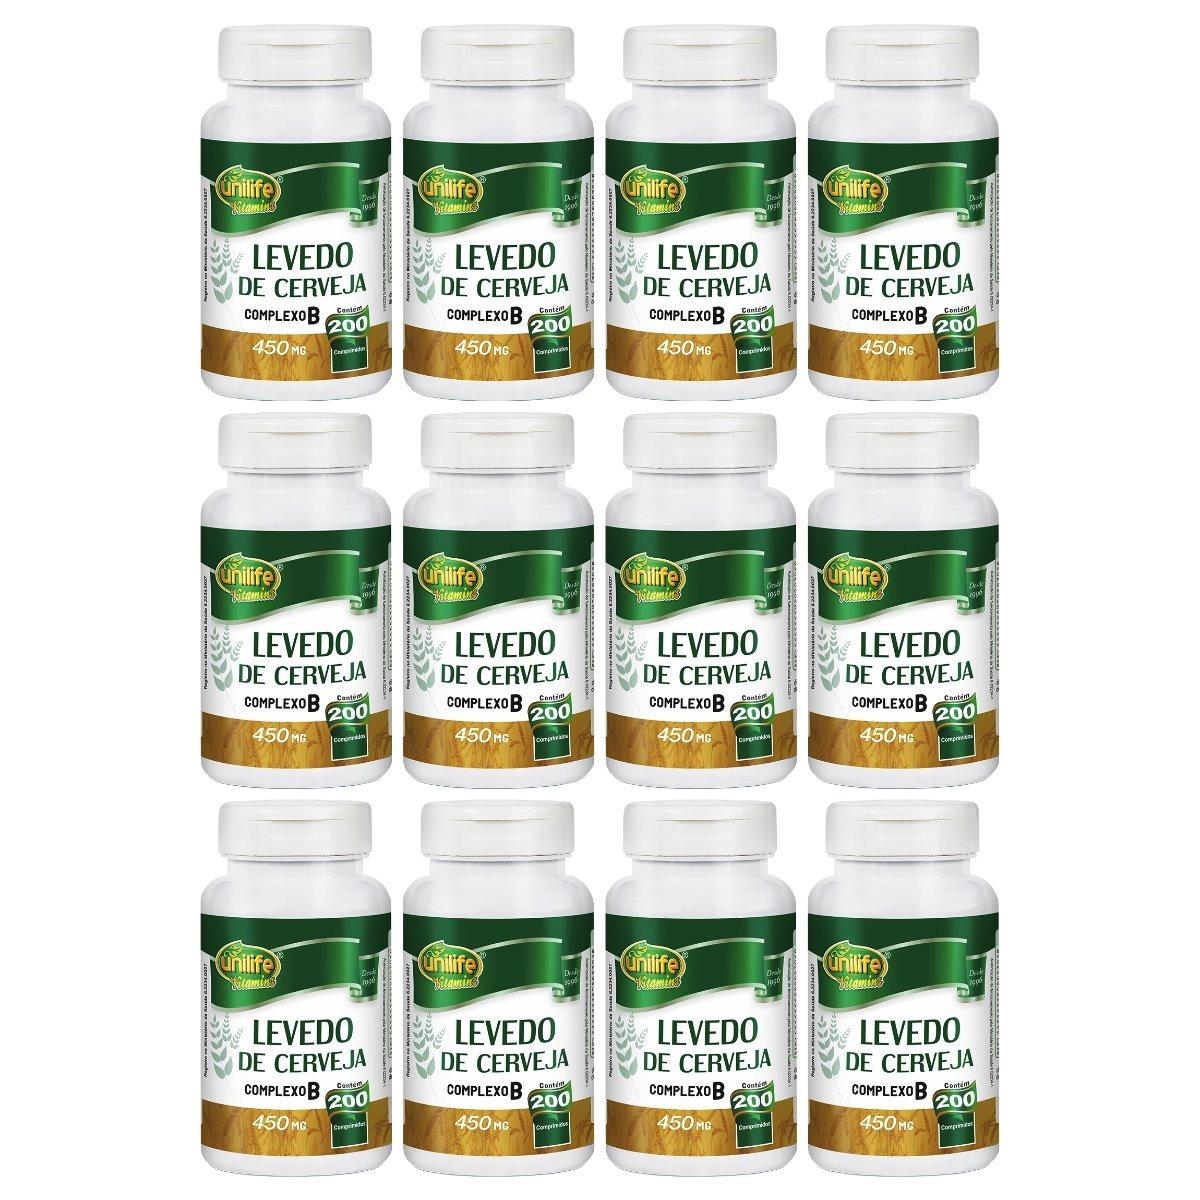 Levedo De Cerveja 200 Comprimidos 450mg Unilife Kit 12 Unidades